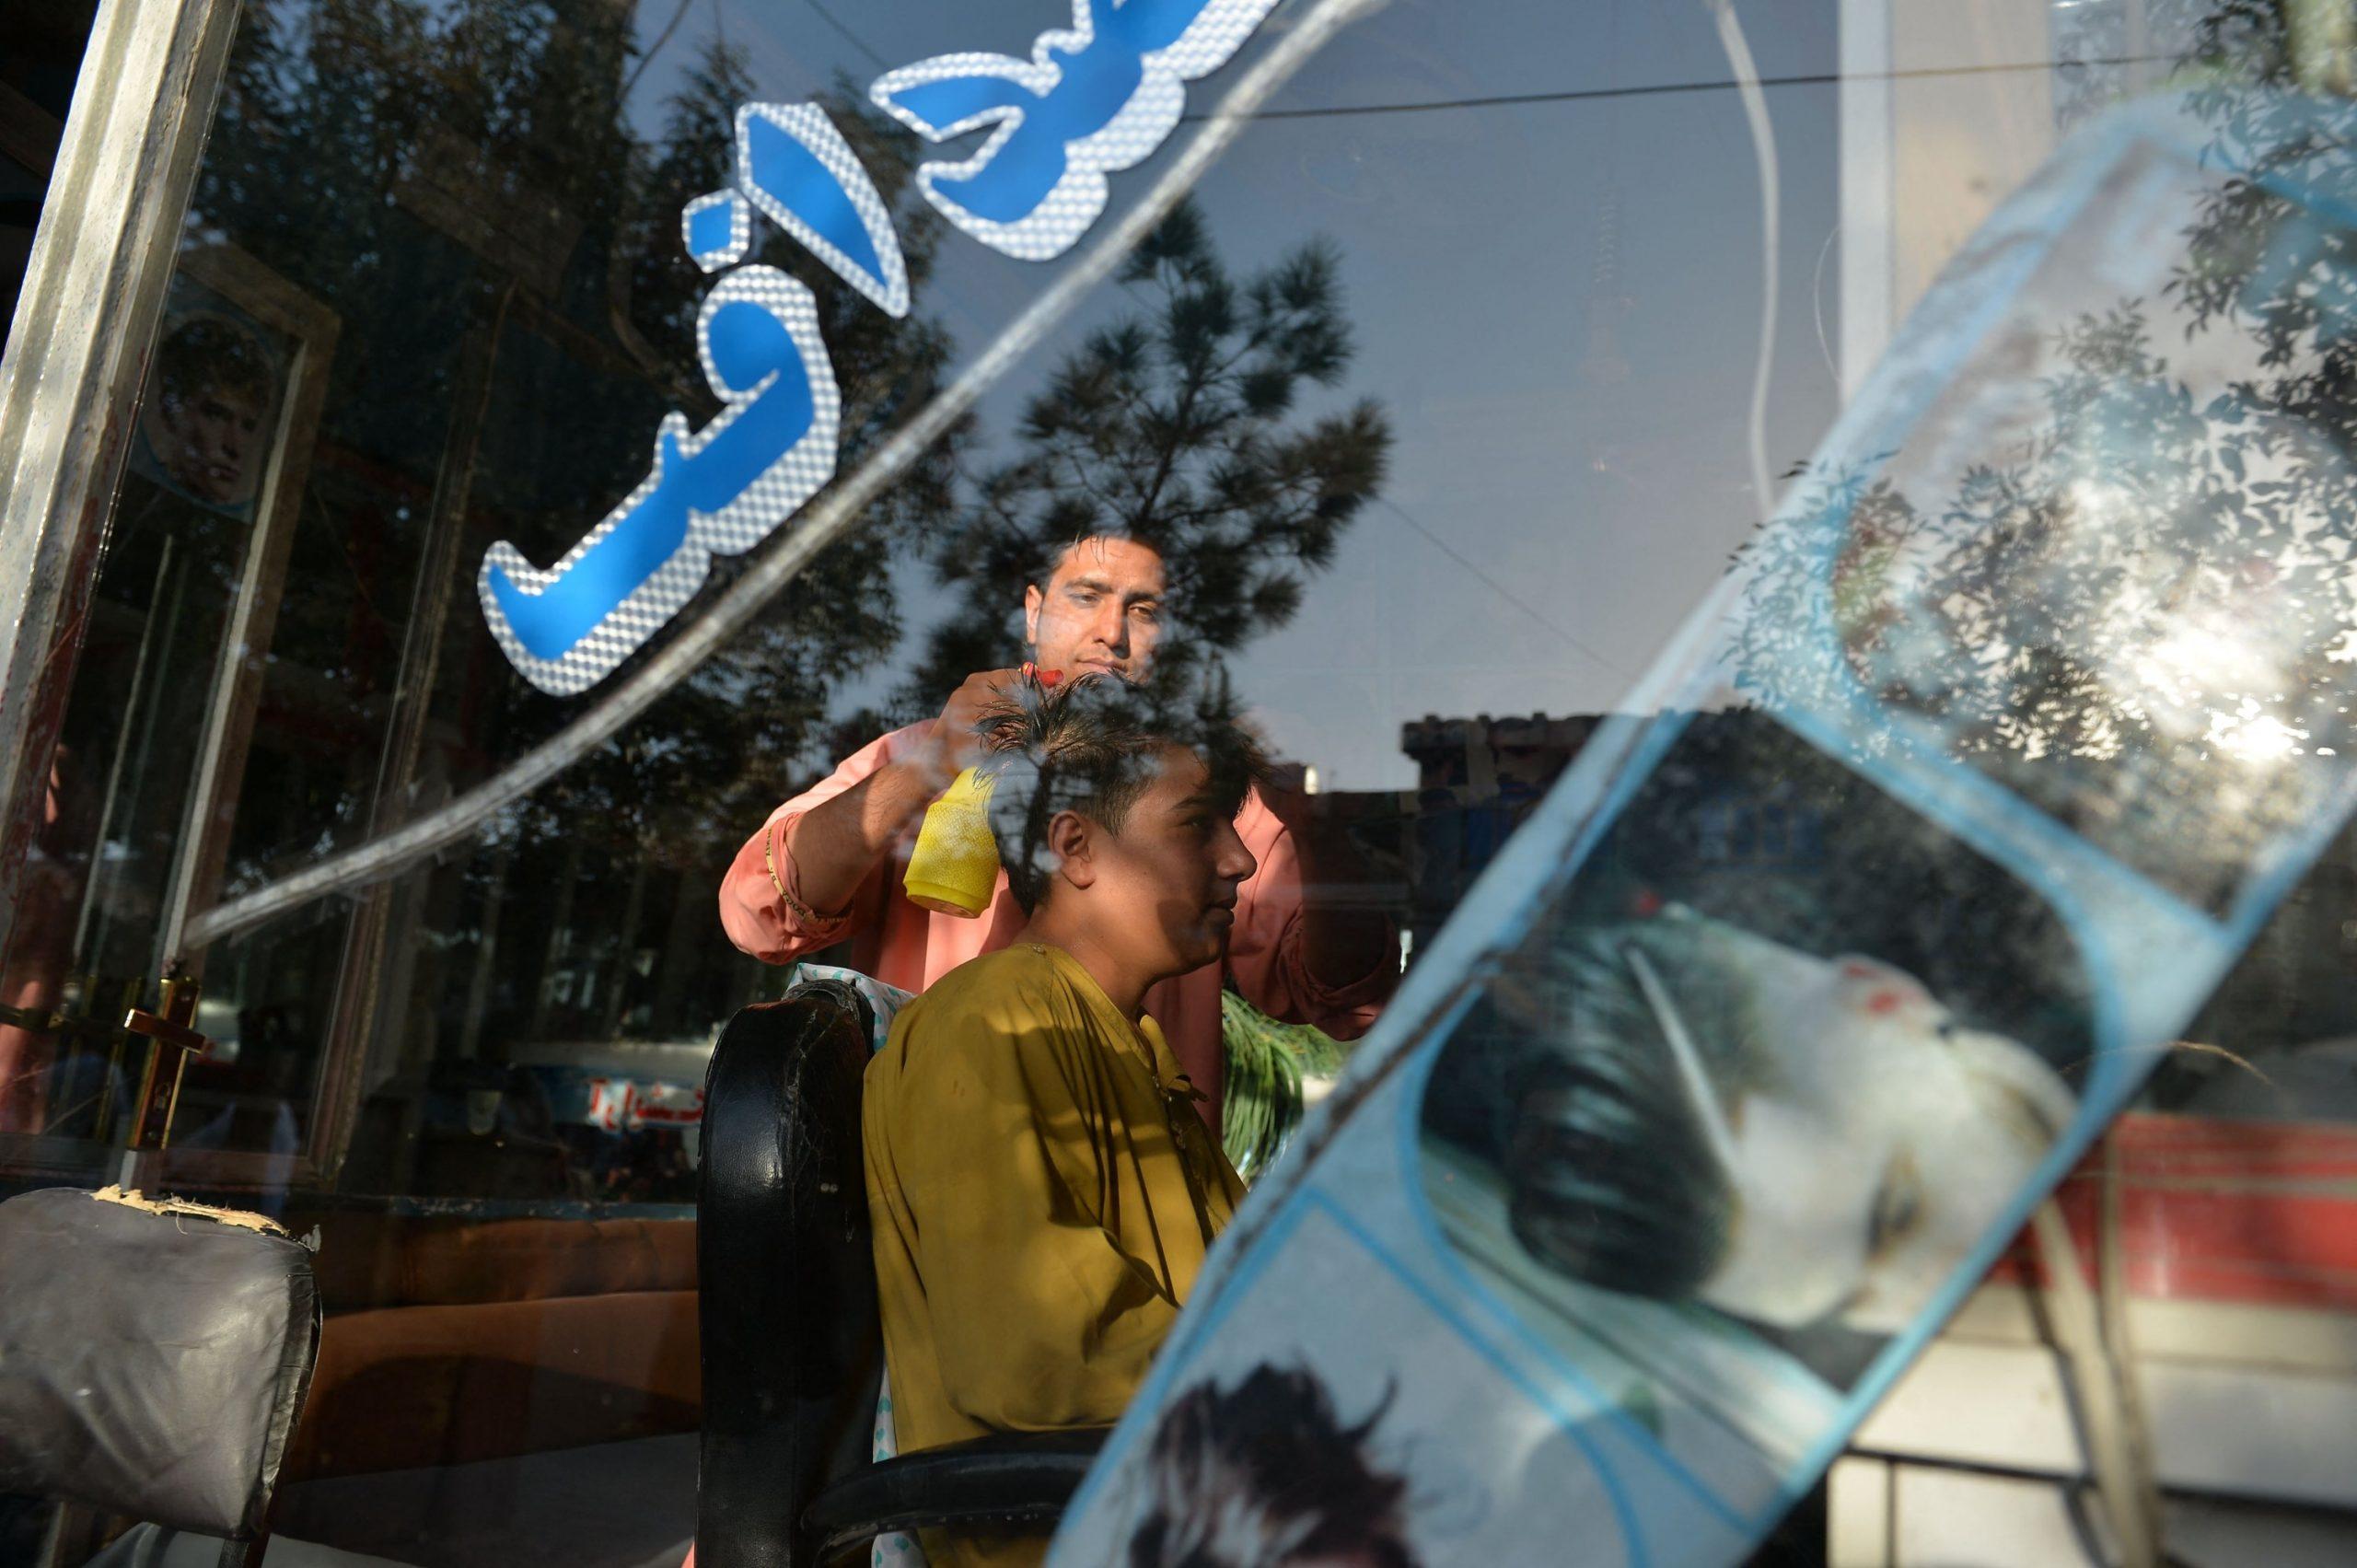 Taliban ban shaving beards and playing music